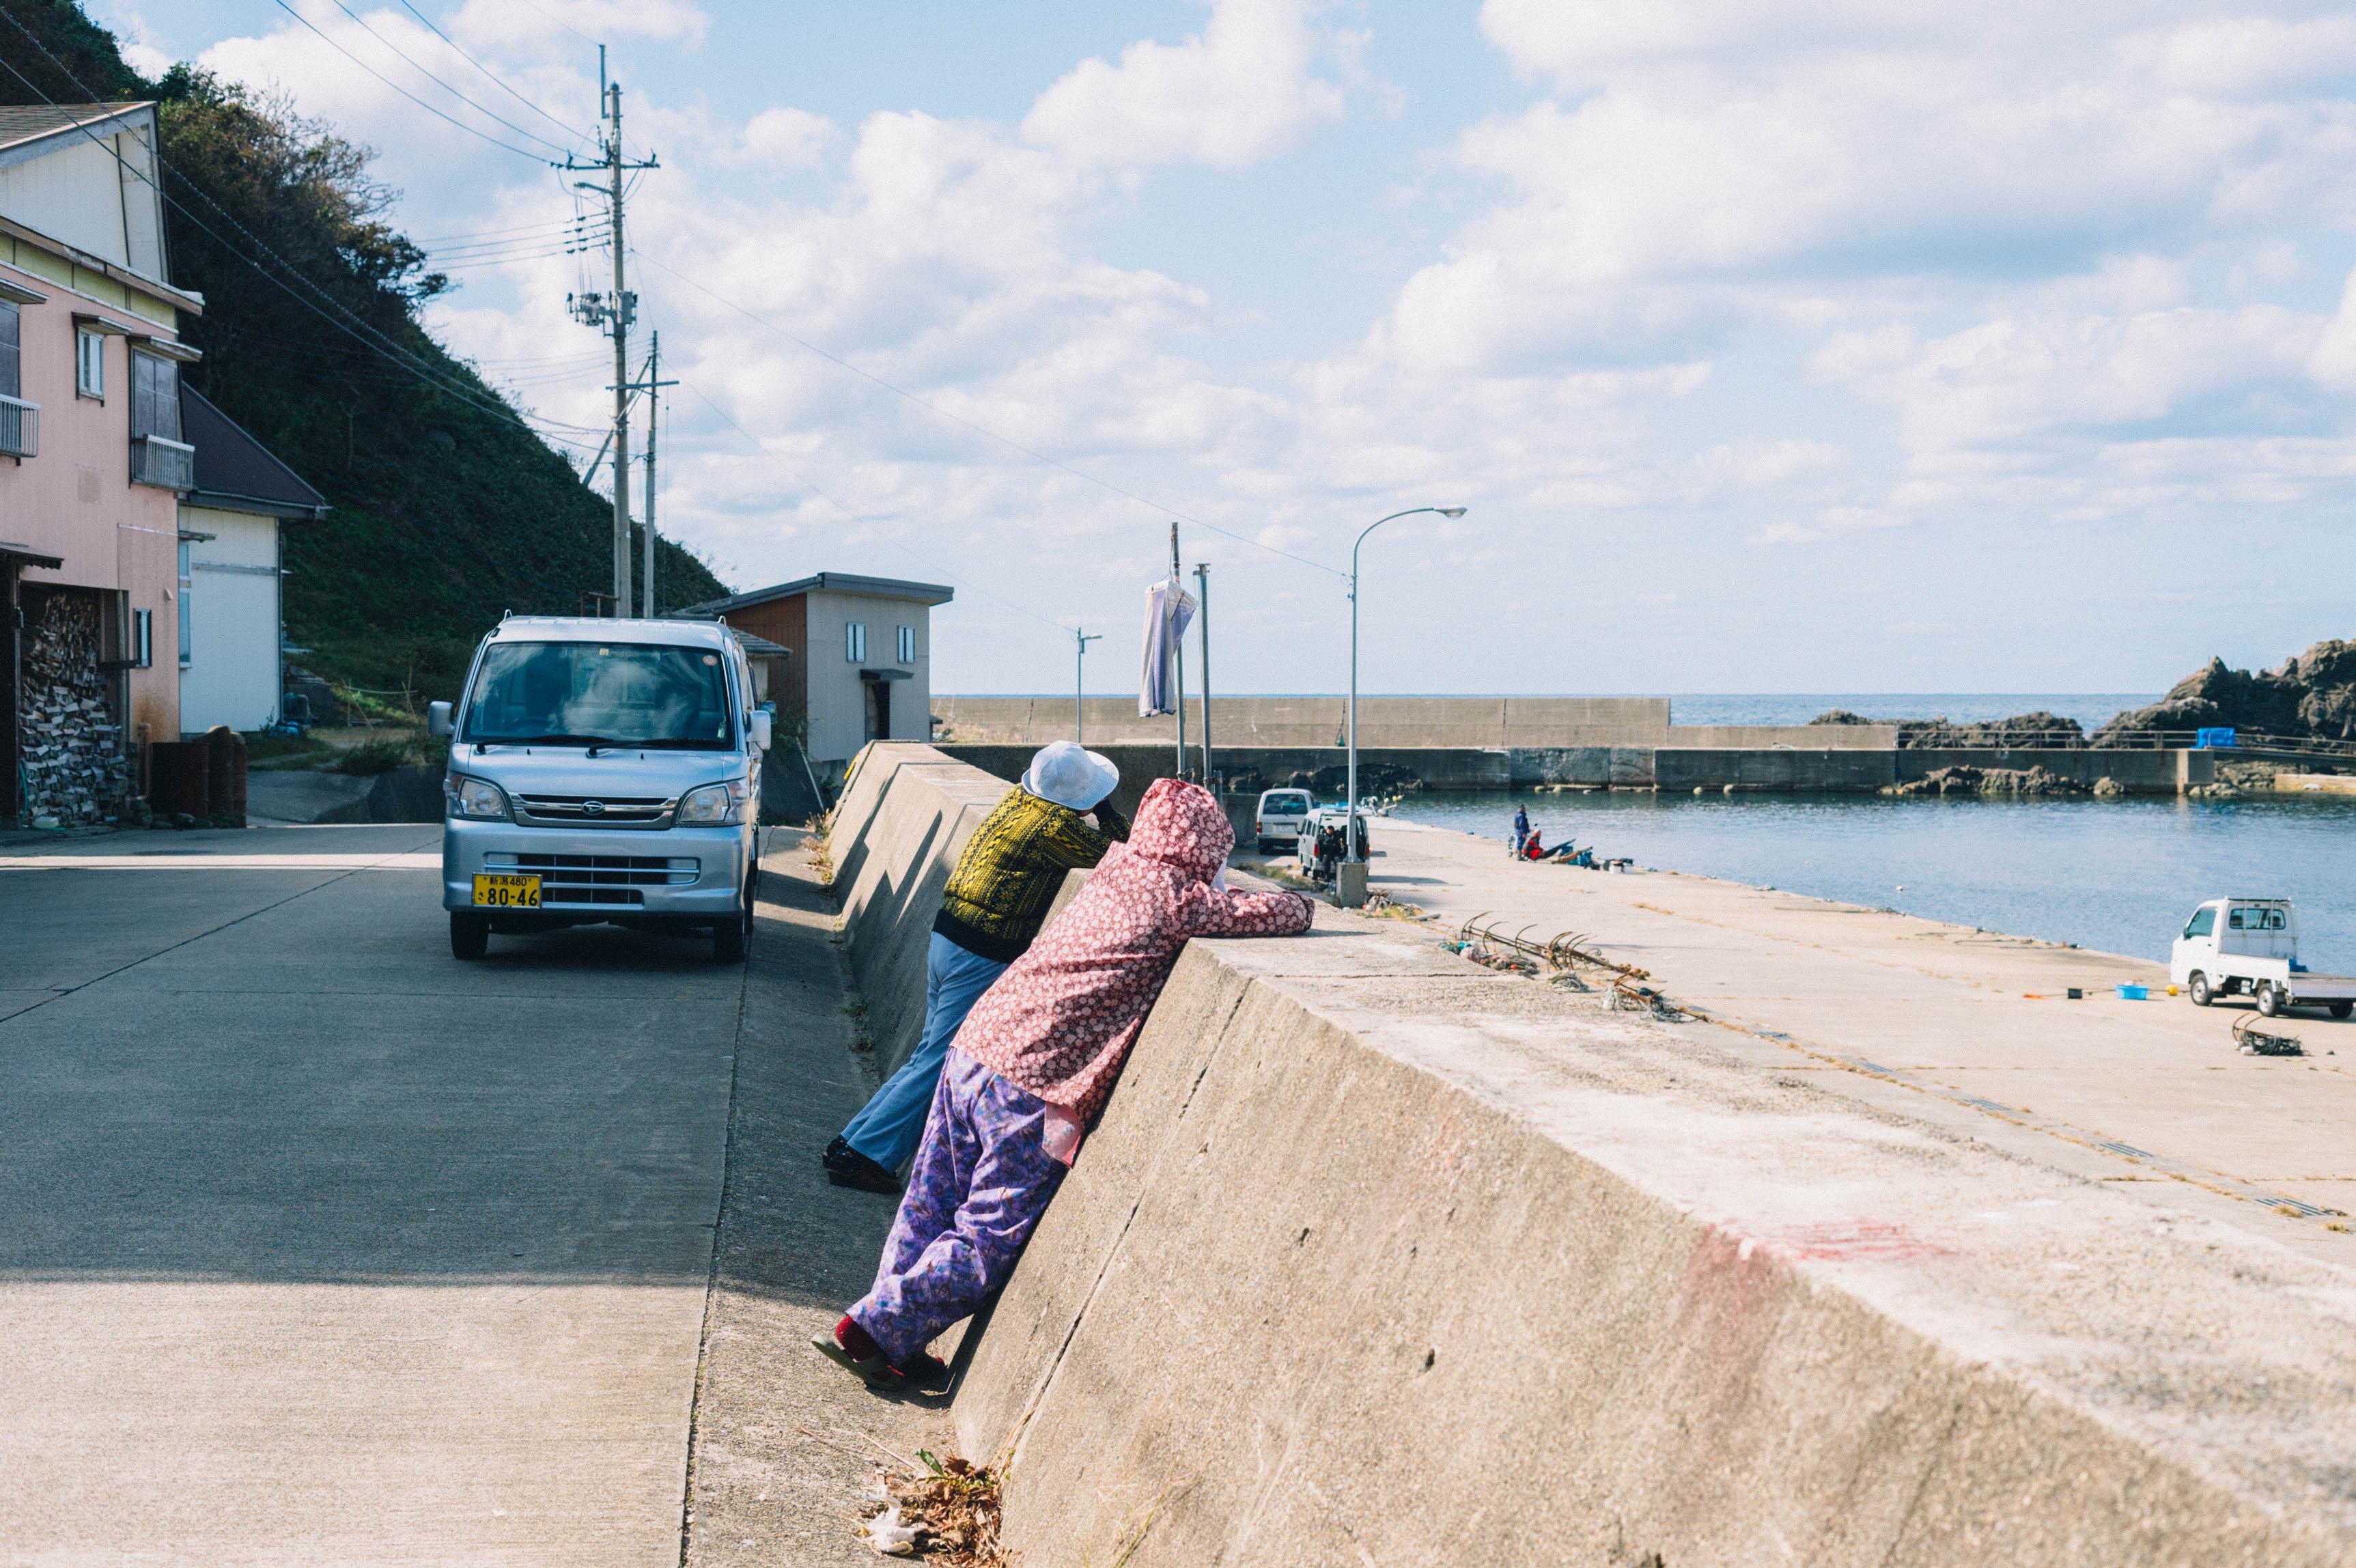 人口370人、新潟県北部に浮かぶ小さな粟島。【市町村一周の旅】